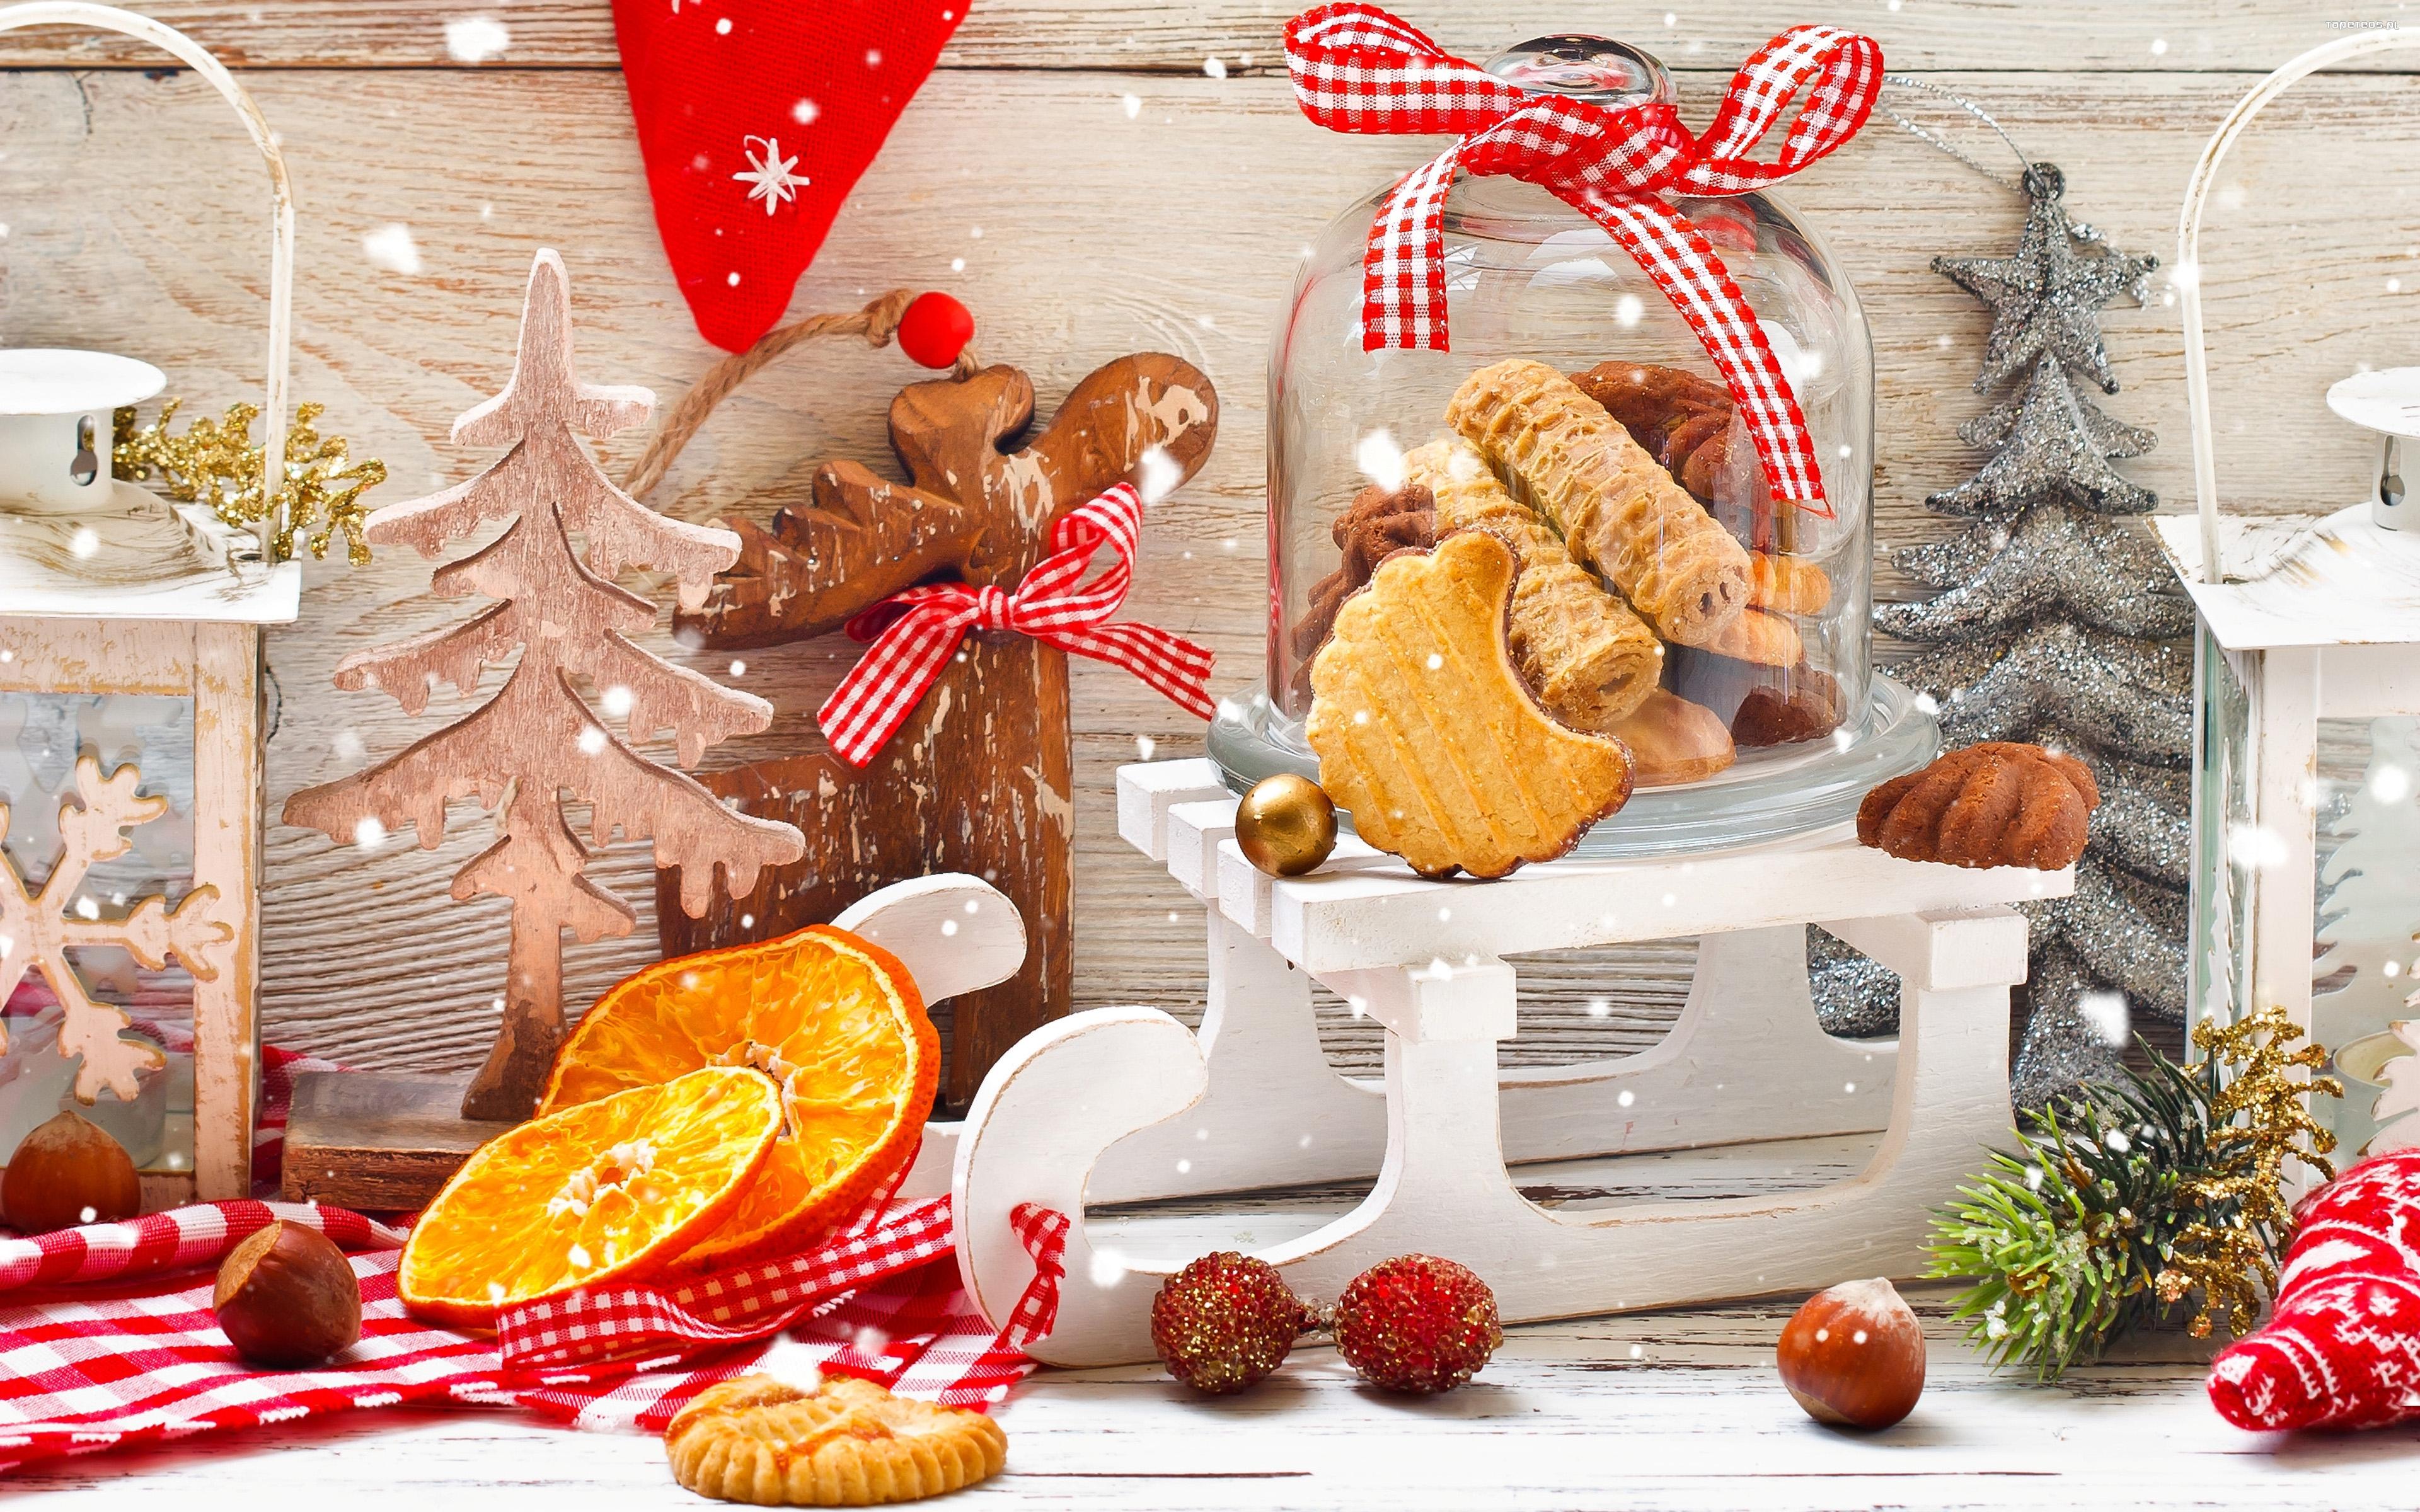 Swieta, Boze Narodzenie, Christmas 3840x2400 046 Sanie, Ciastka, Pomarancza, Orzechy, Sloik ...